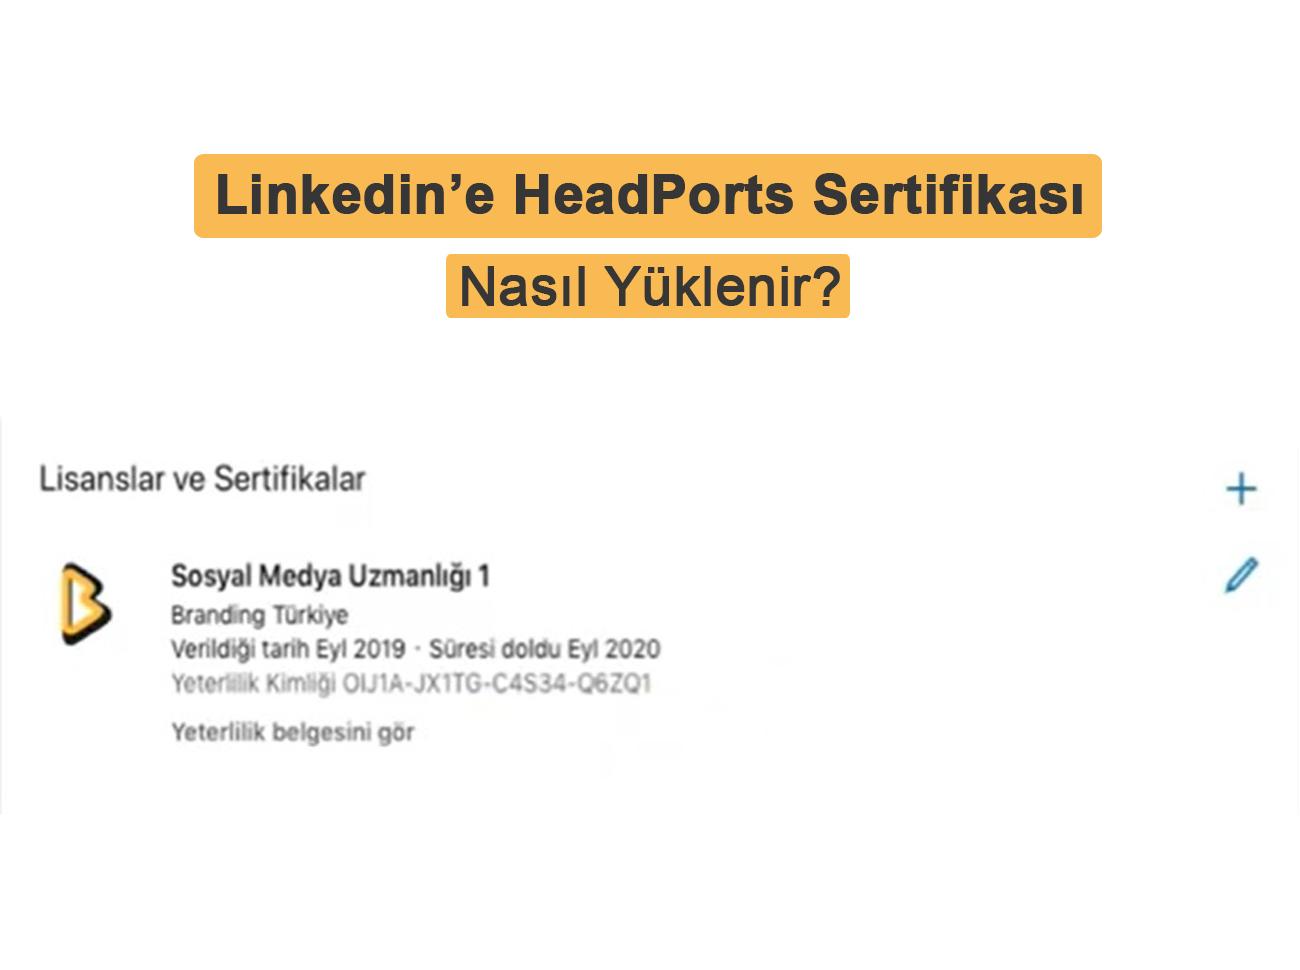 Linkedine HeadPorts Sertifikası Yükleme